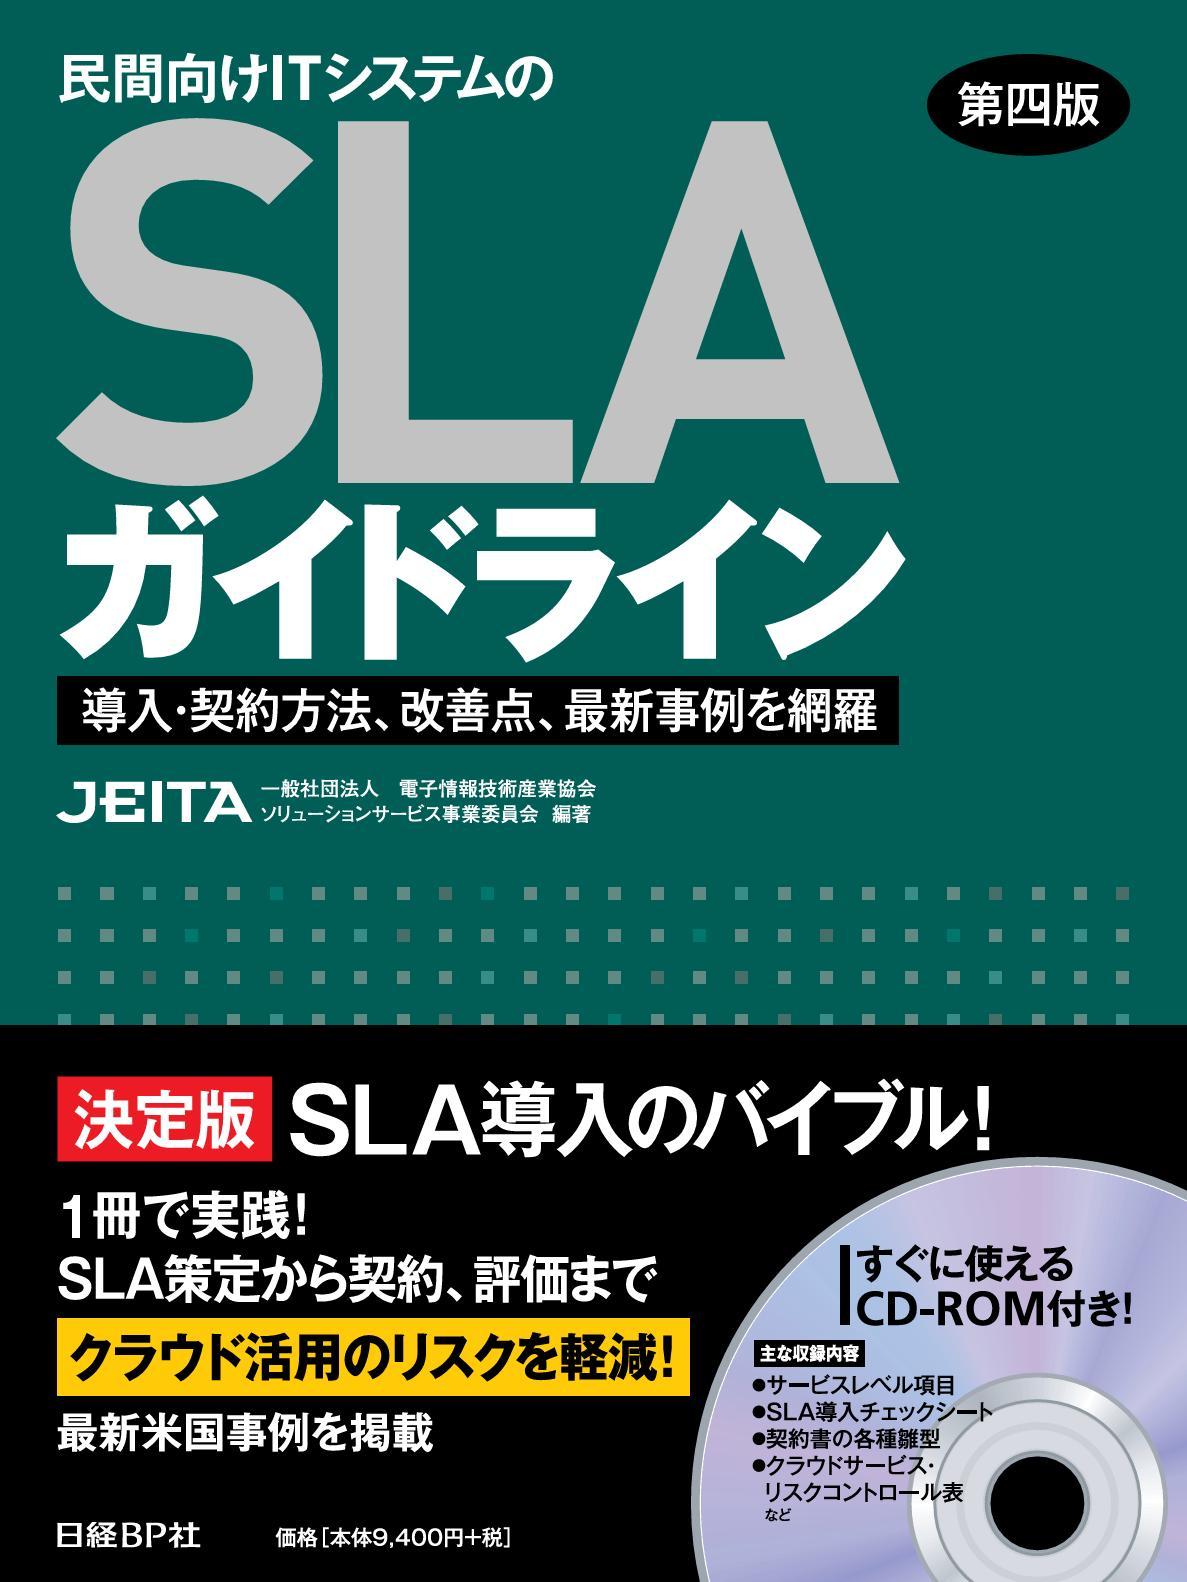 民間向けITシステムのSLAガイドライン第四版